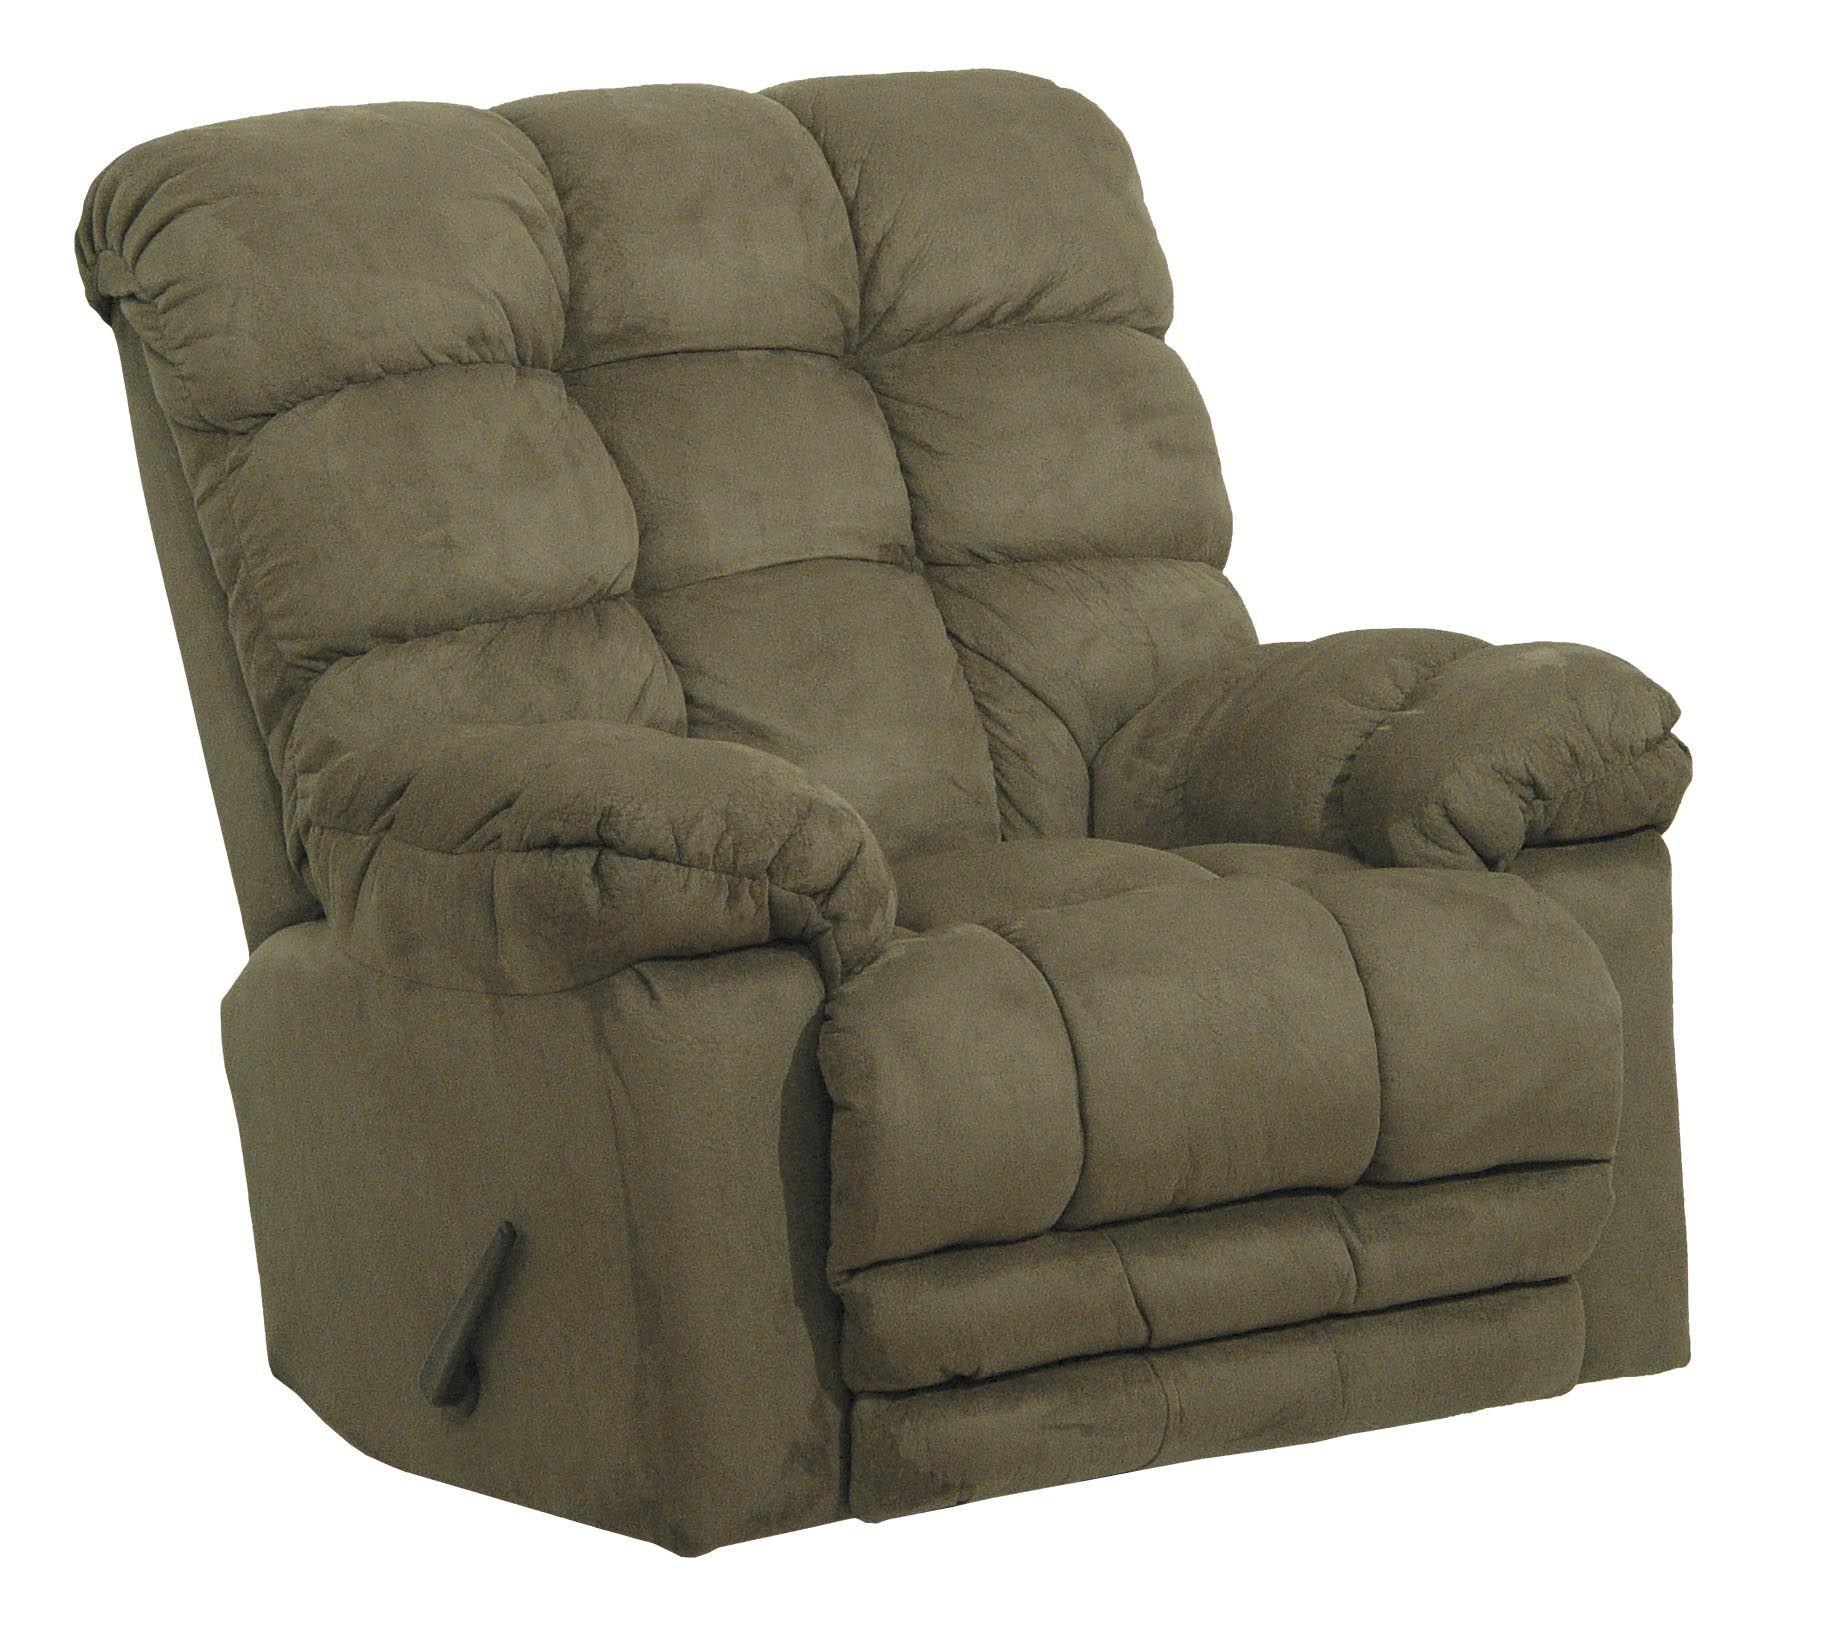 Magnum sage rocker recliner from catnapper 546892000000 for Catnapper magnum chaise rocker recliner